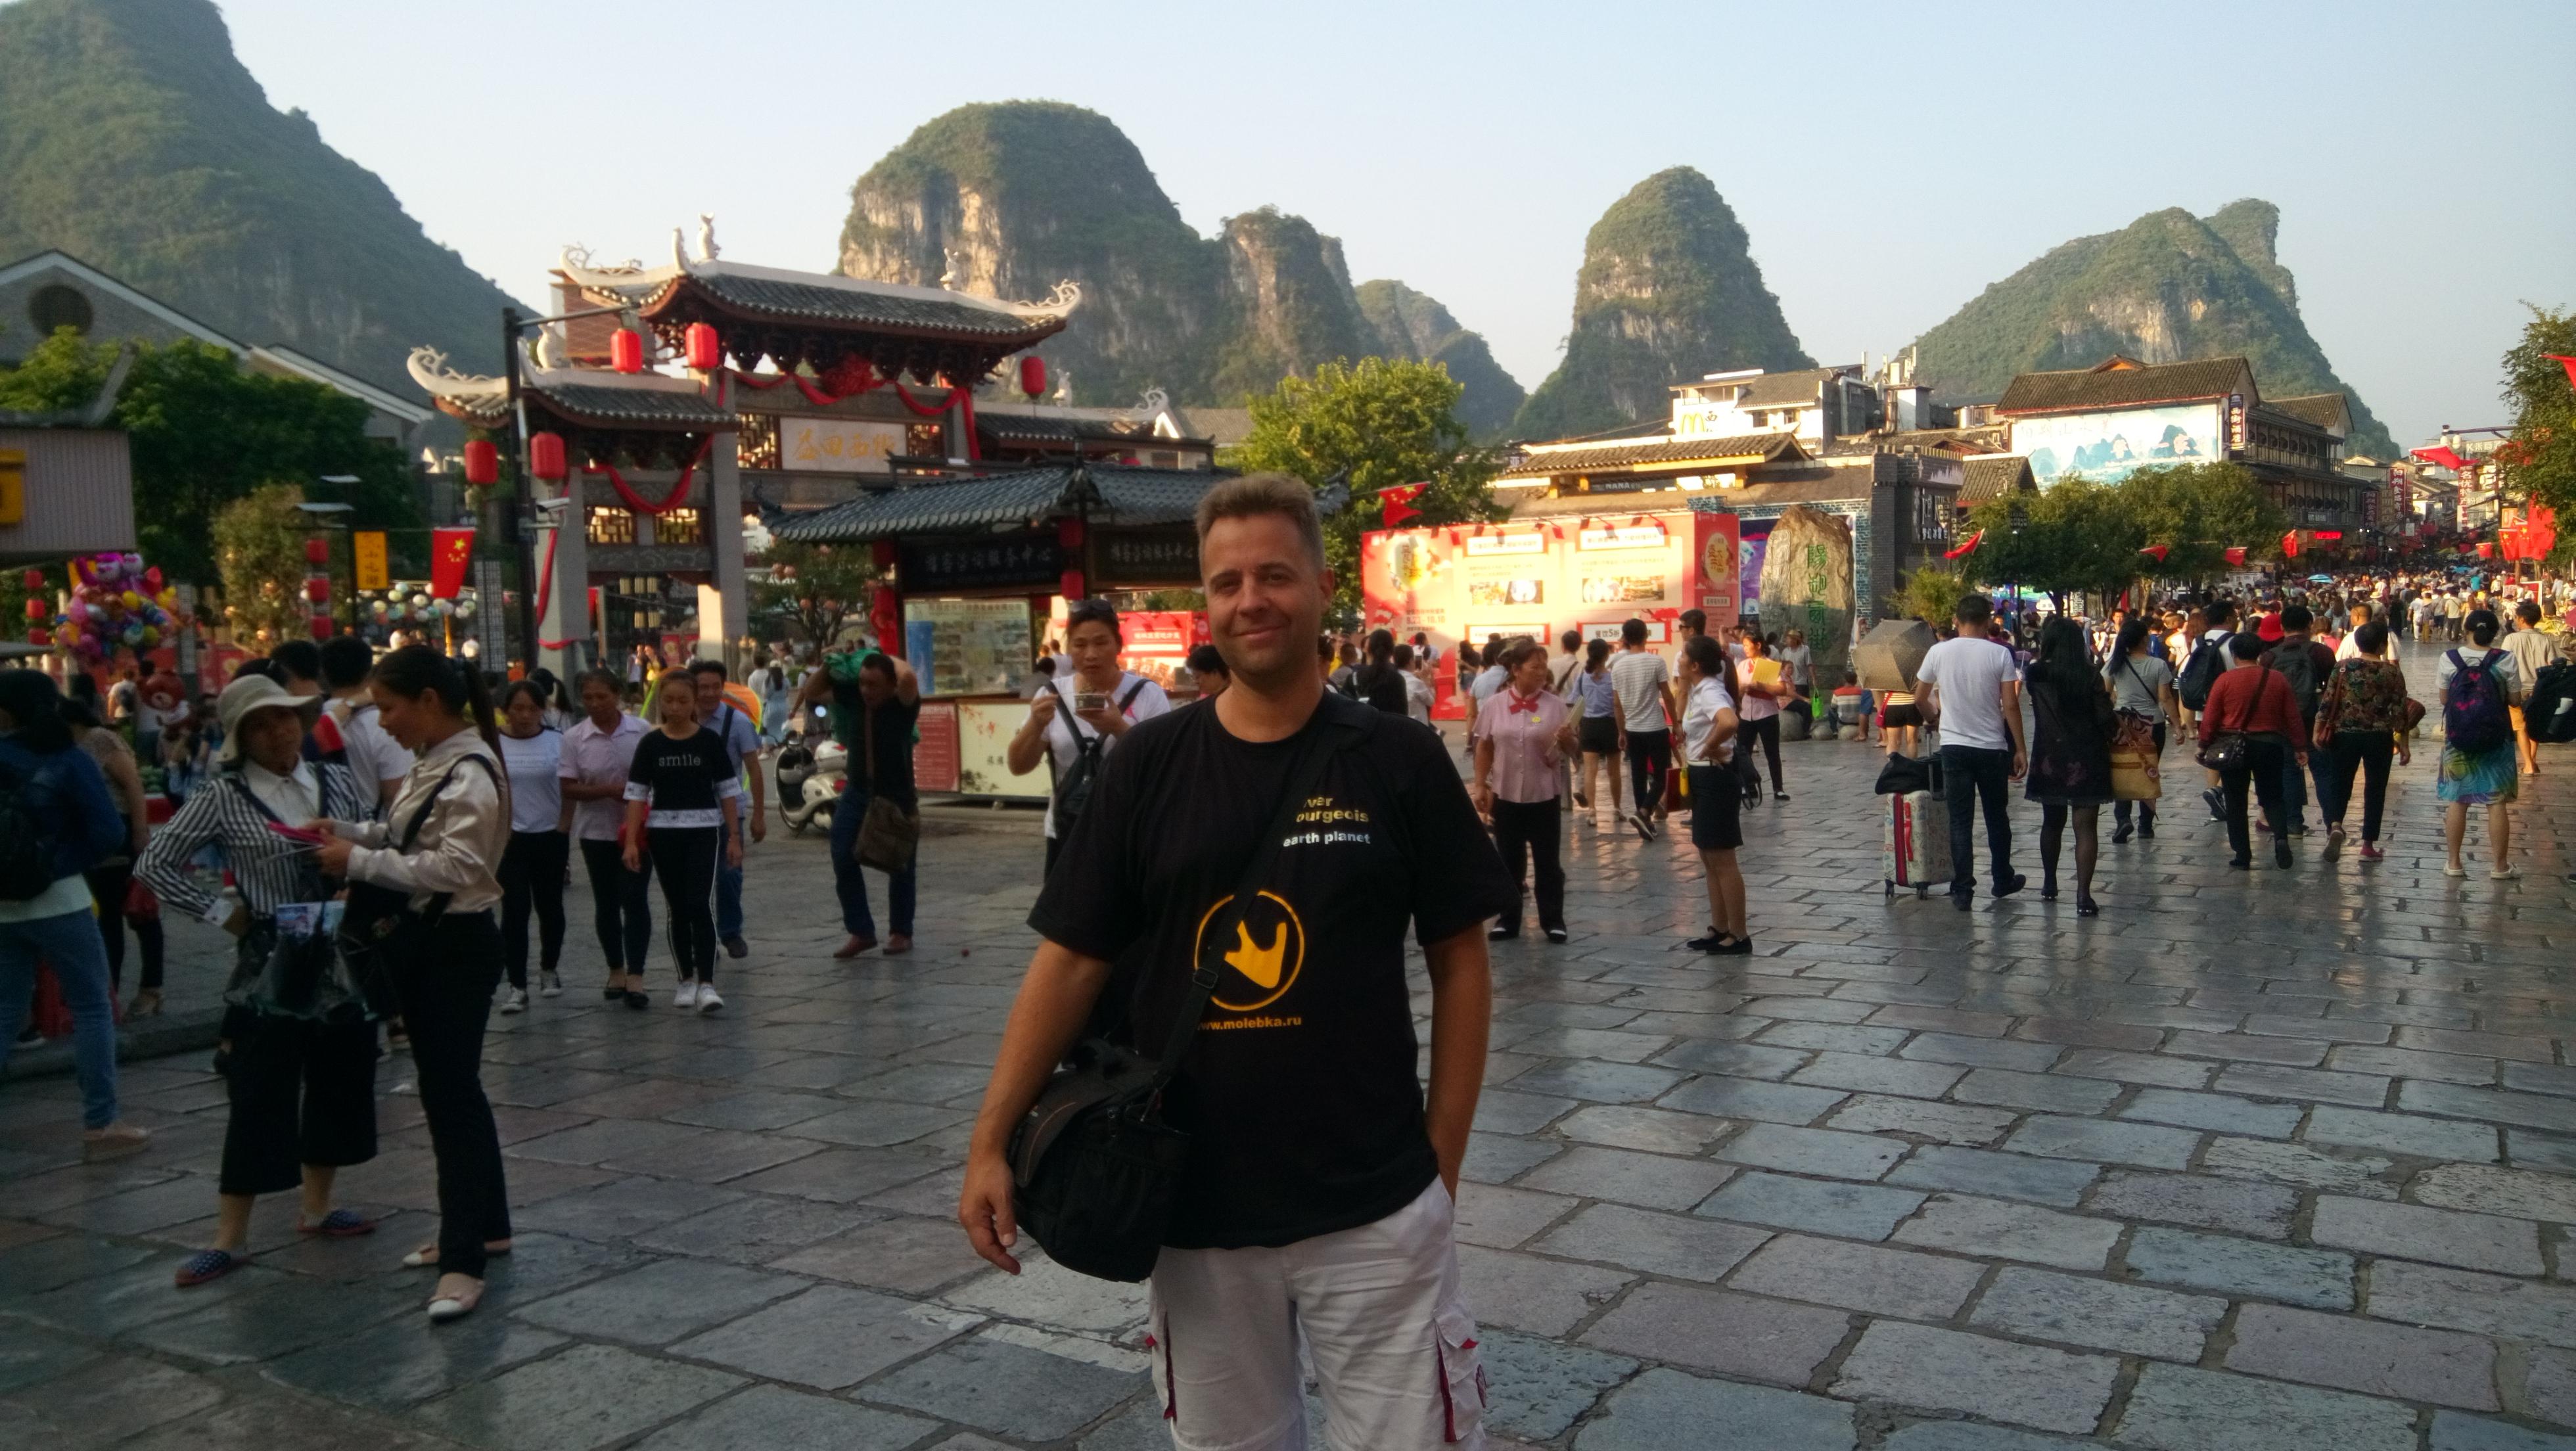 clin d'oeil à mes amis d'Oural en direct de Chine !